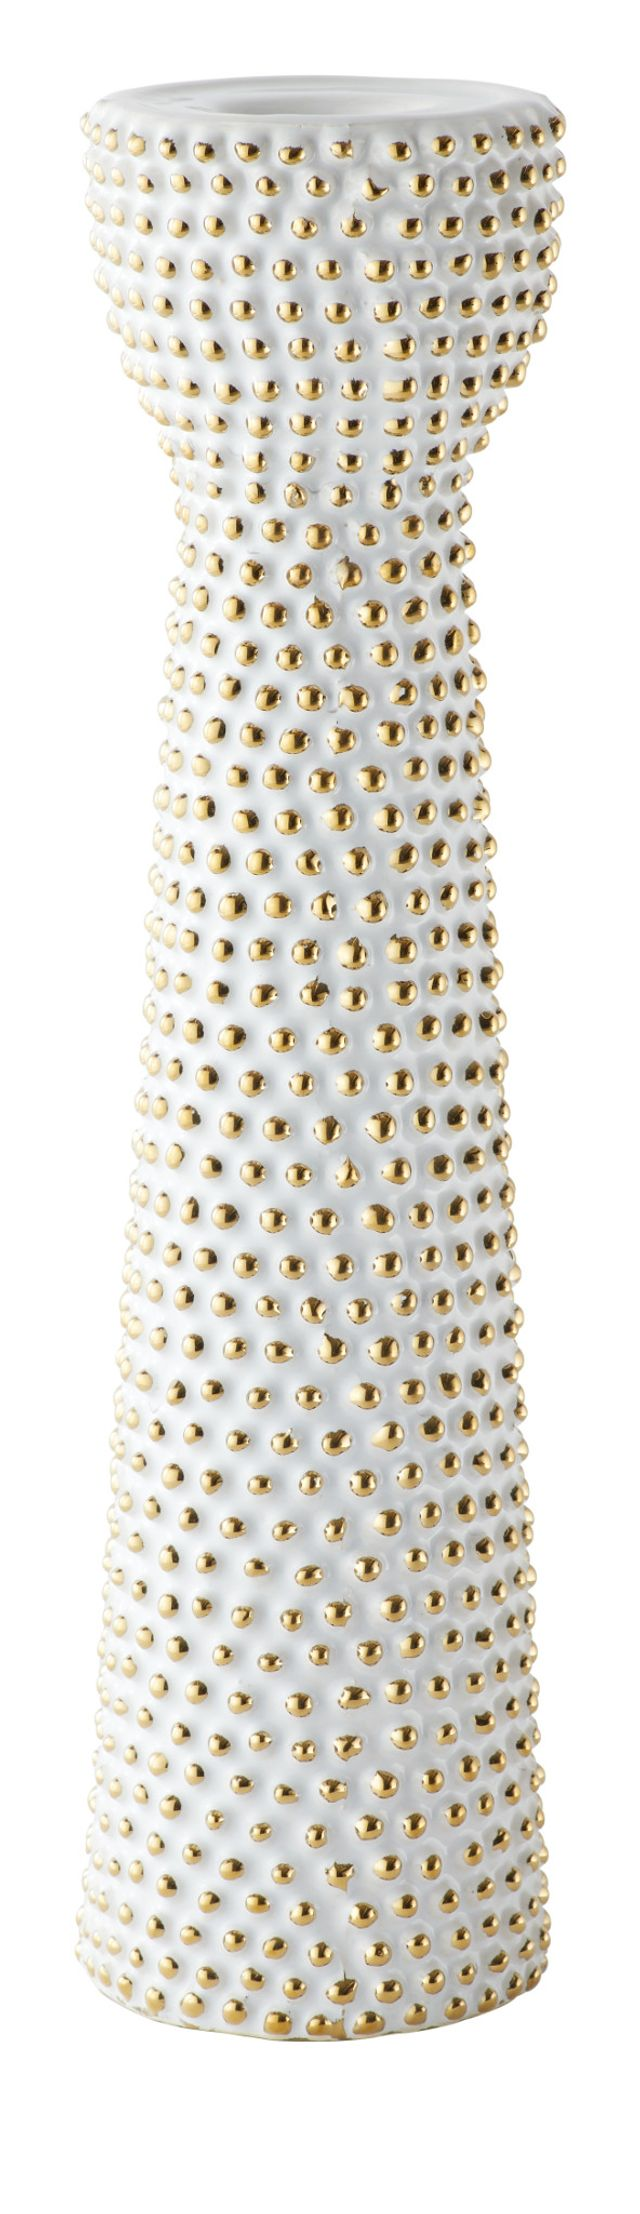 Daisy White Large Candle Holder (1)